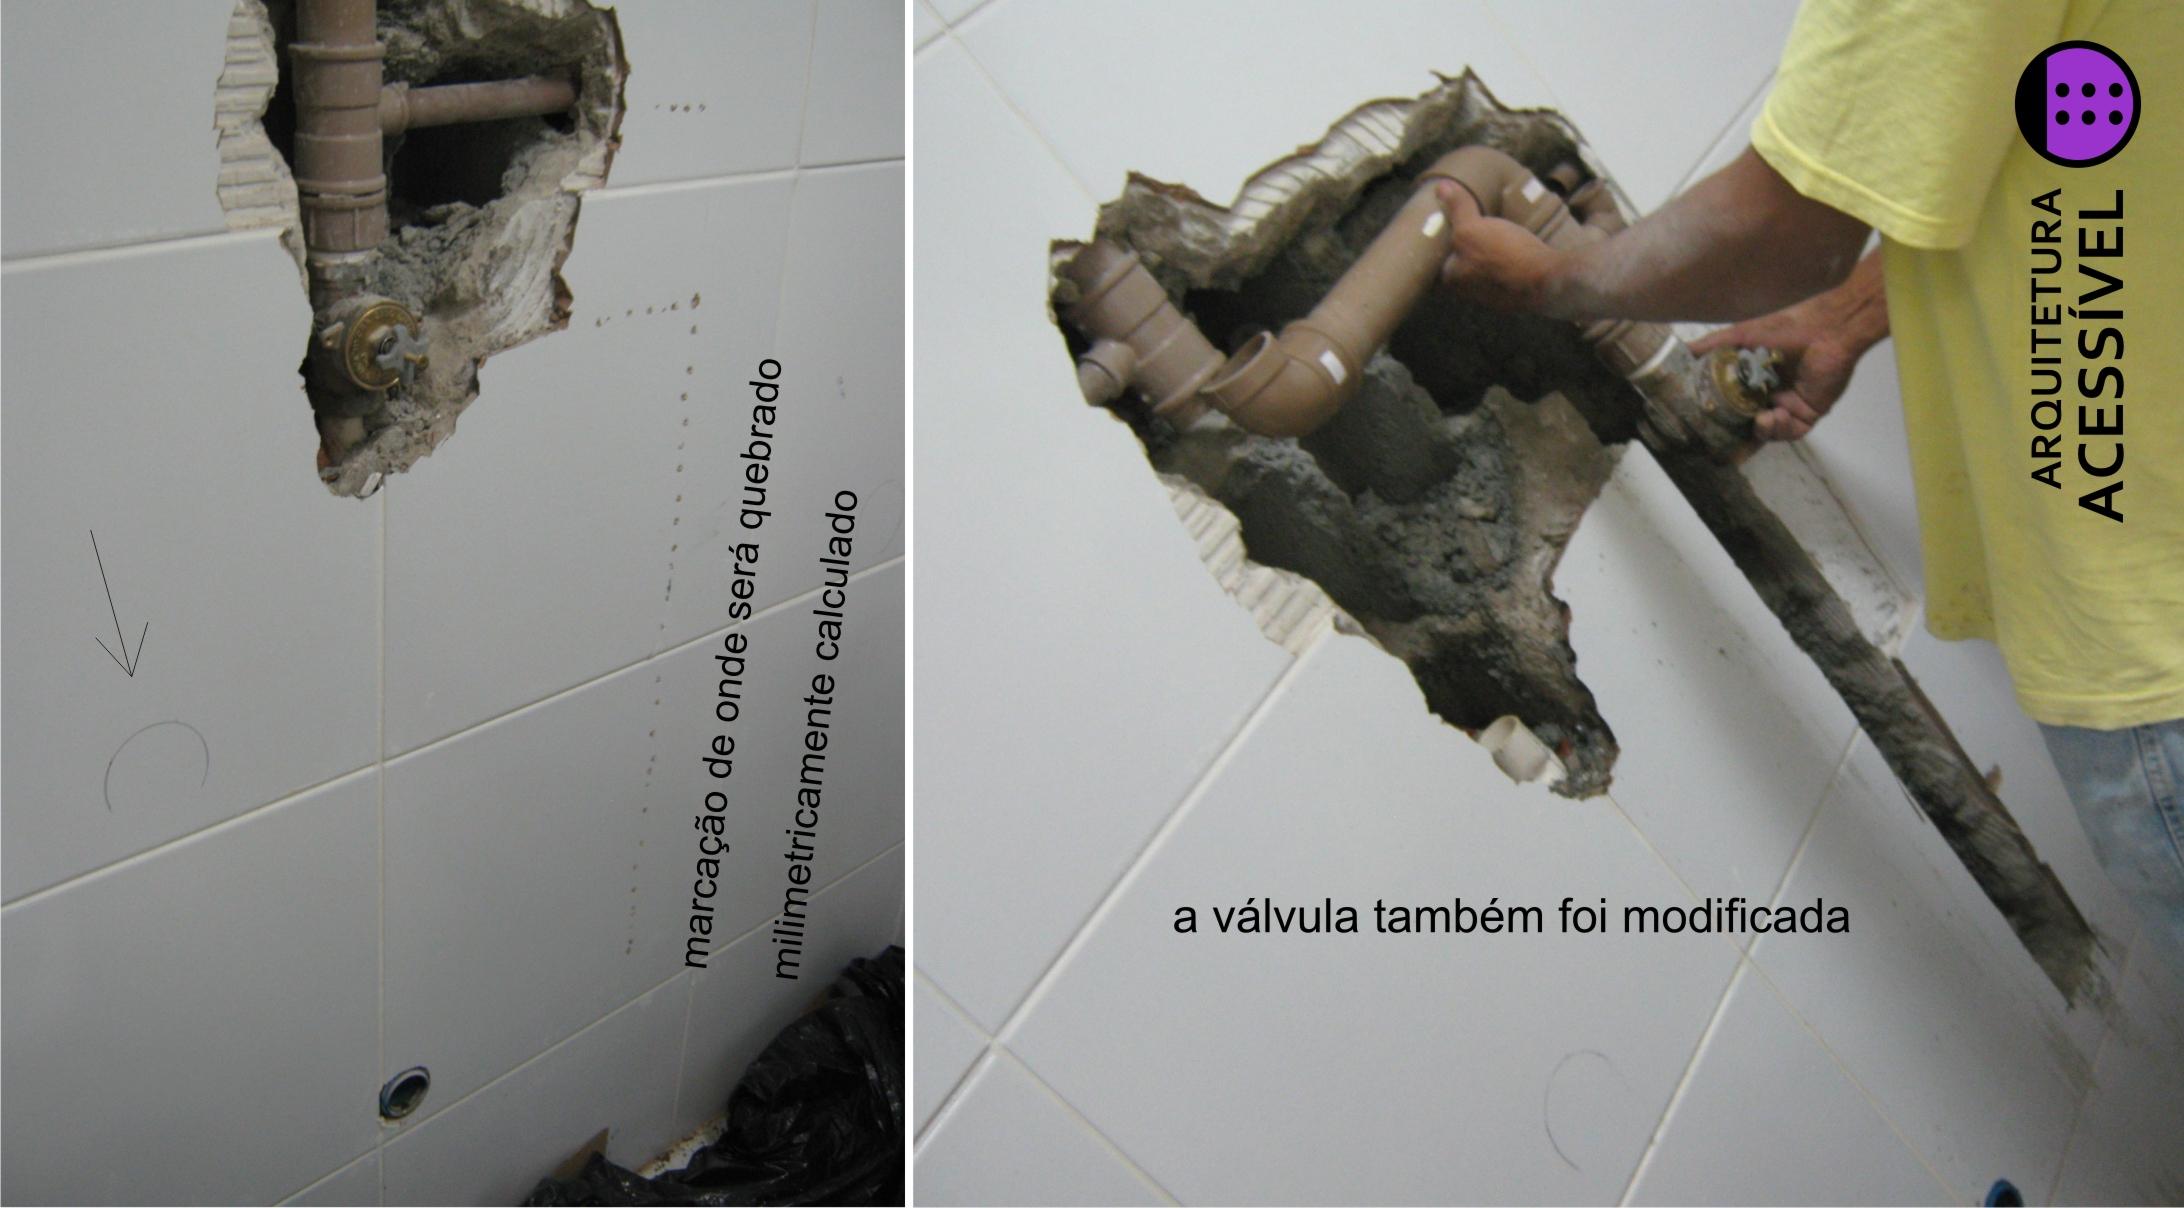 sanitário sendo reformado mudanca de posicao da valvula da descarga #807849 2184 1208